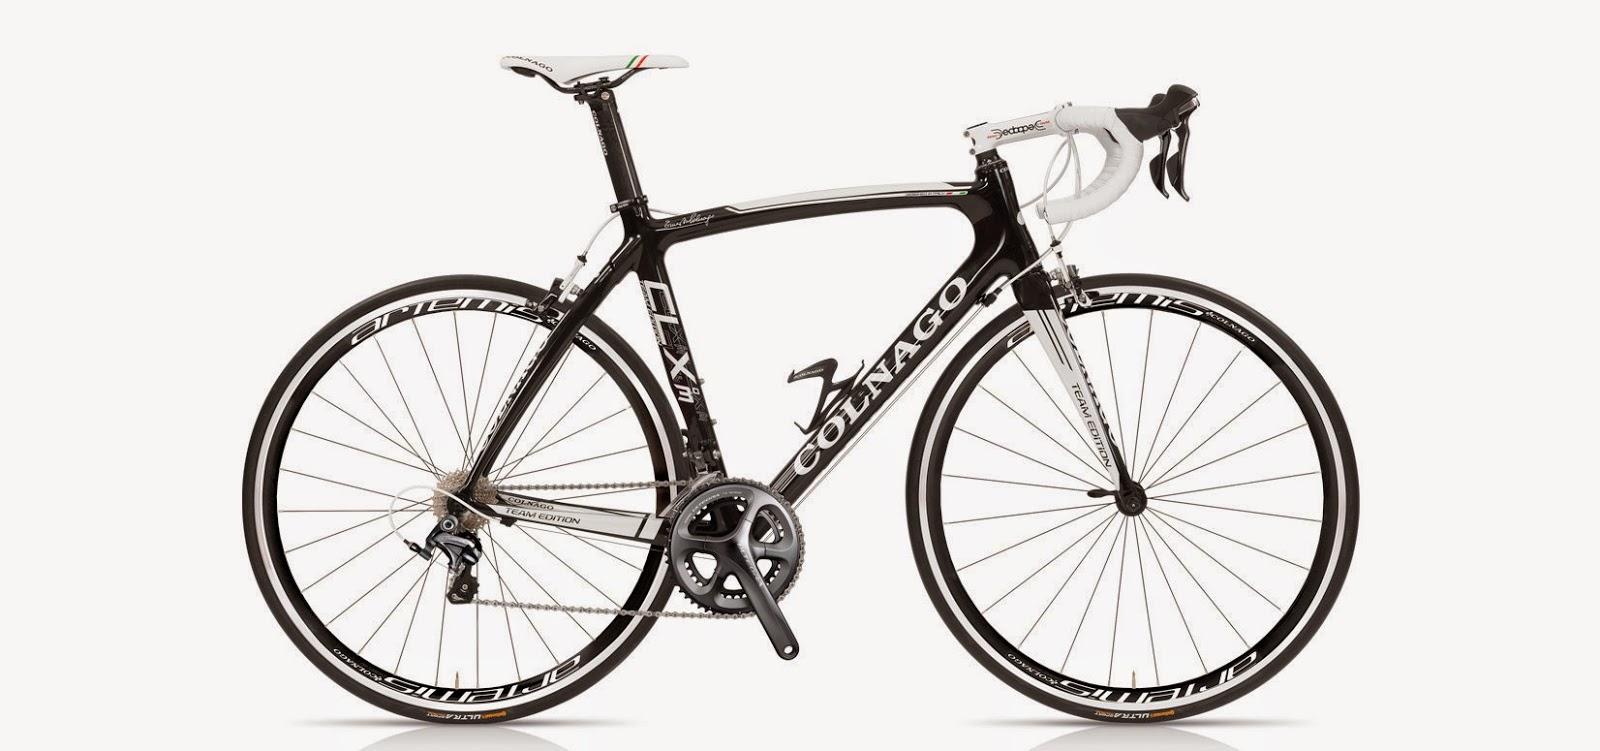 Jual Colnago CLX 3.0 105 2014 Road Bike.Harga: Rp. 22.000.000 ...